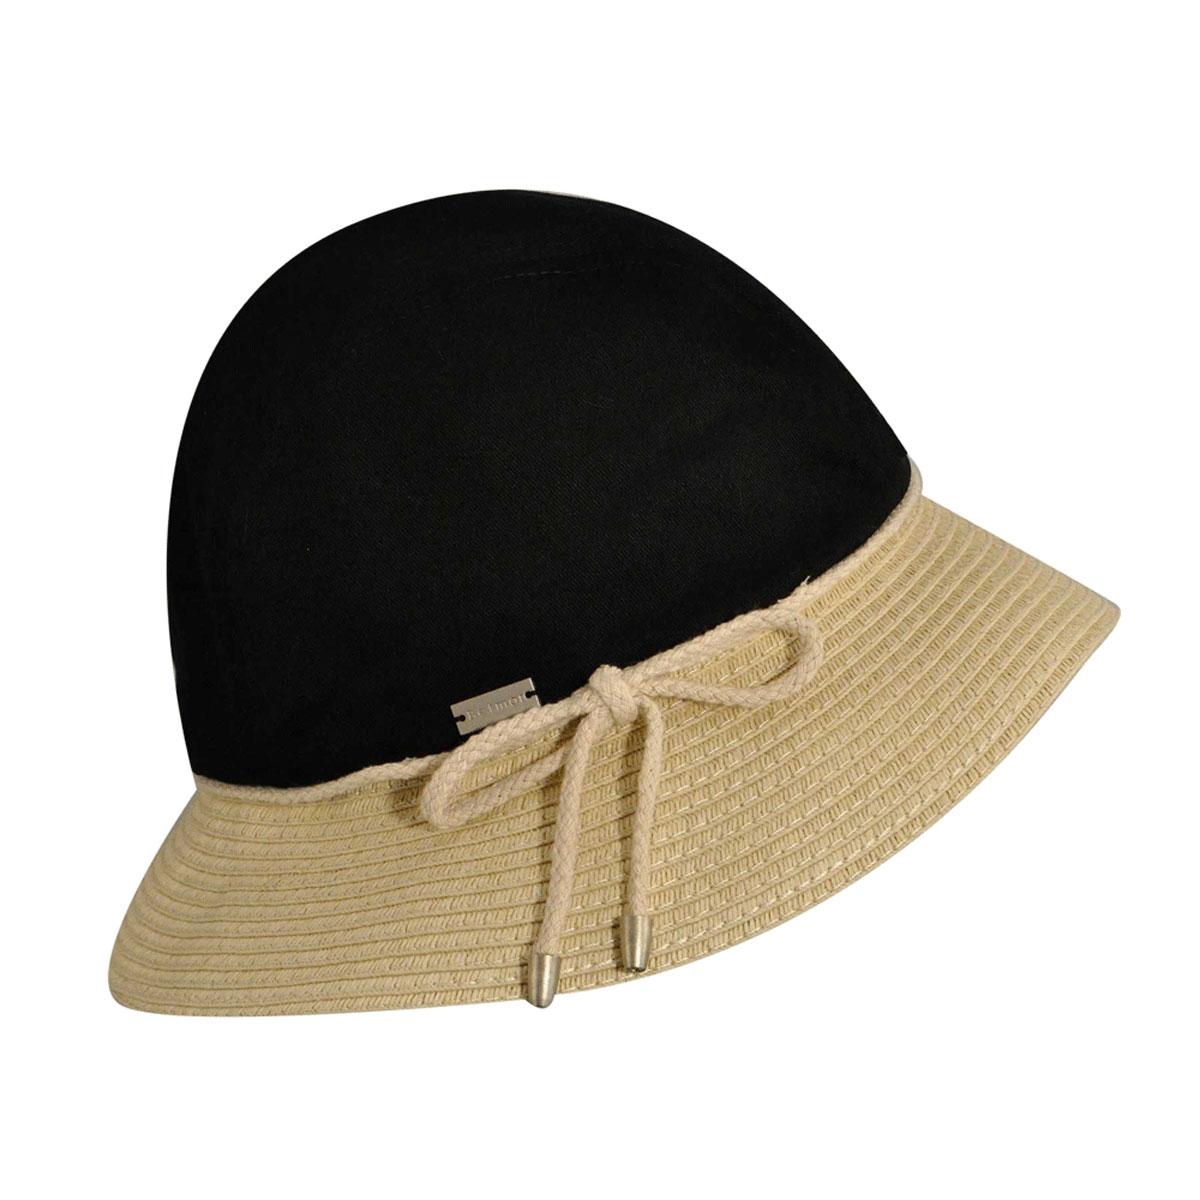 Шляпа женская April. 31-111-4831-111-48-00Широкополая шляпа Betmar April украсит любой наряд. Тулья выполнена из хлопка, поля - из бумаги. Шляпа оформлена декоративным шнурком с бантиком и металлической нашивкой с названием бренда. Благодаря своей форме модель удобно садится по голове и подойдет к любому стилю. Такая шляпка подчеркнет вашу неповторимость и дополнит ваш повседневный образ.